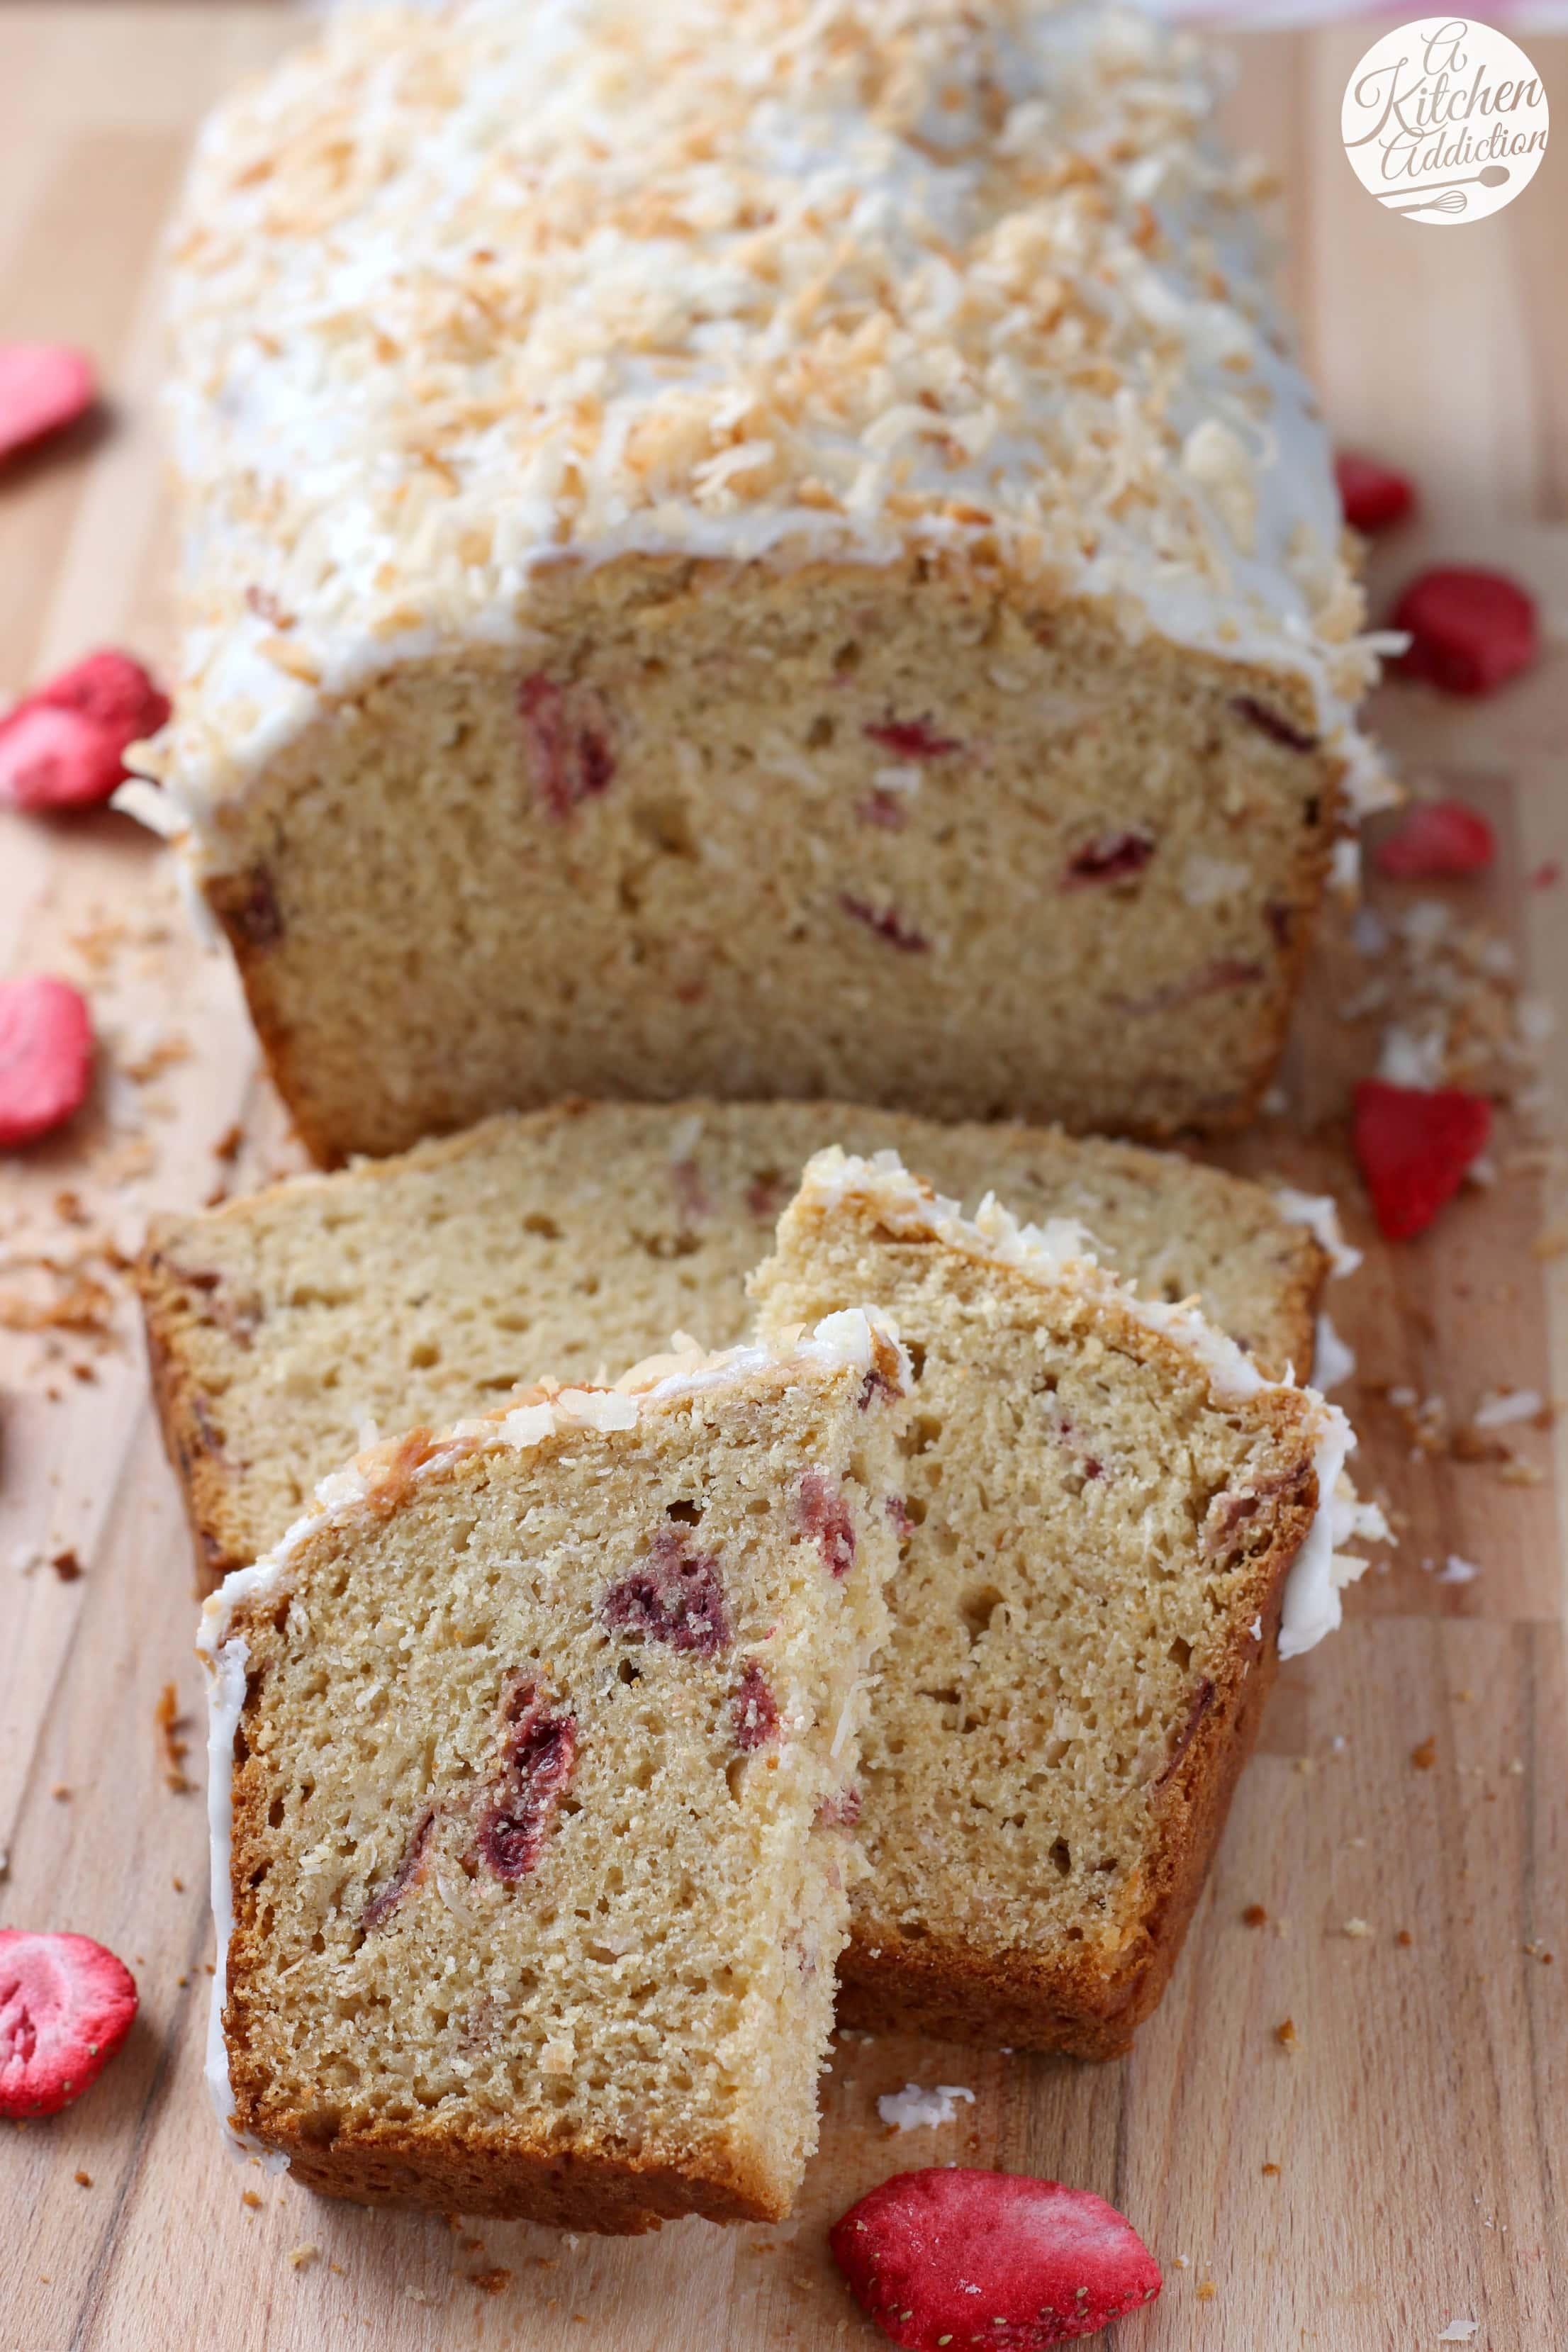 Strawberry Coconut Yogurt Quick Bread Recipe from A Kitchen Addiction